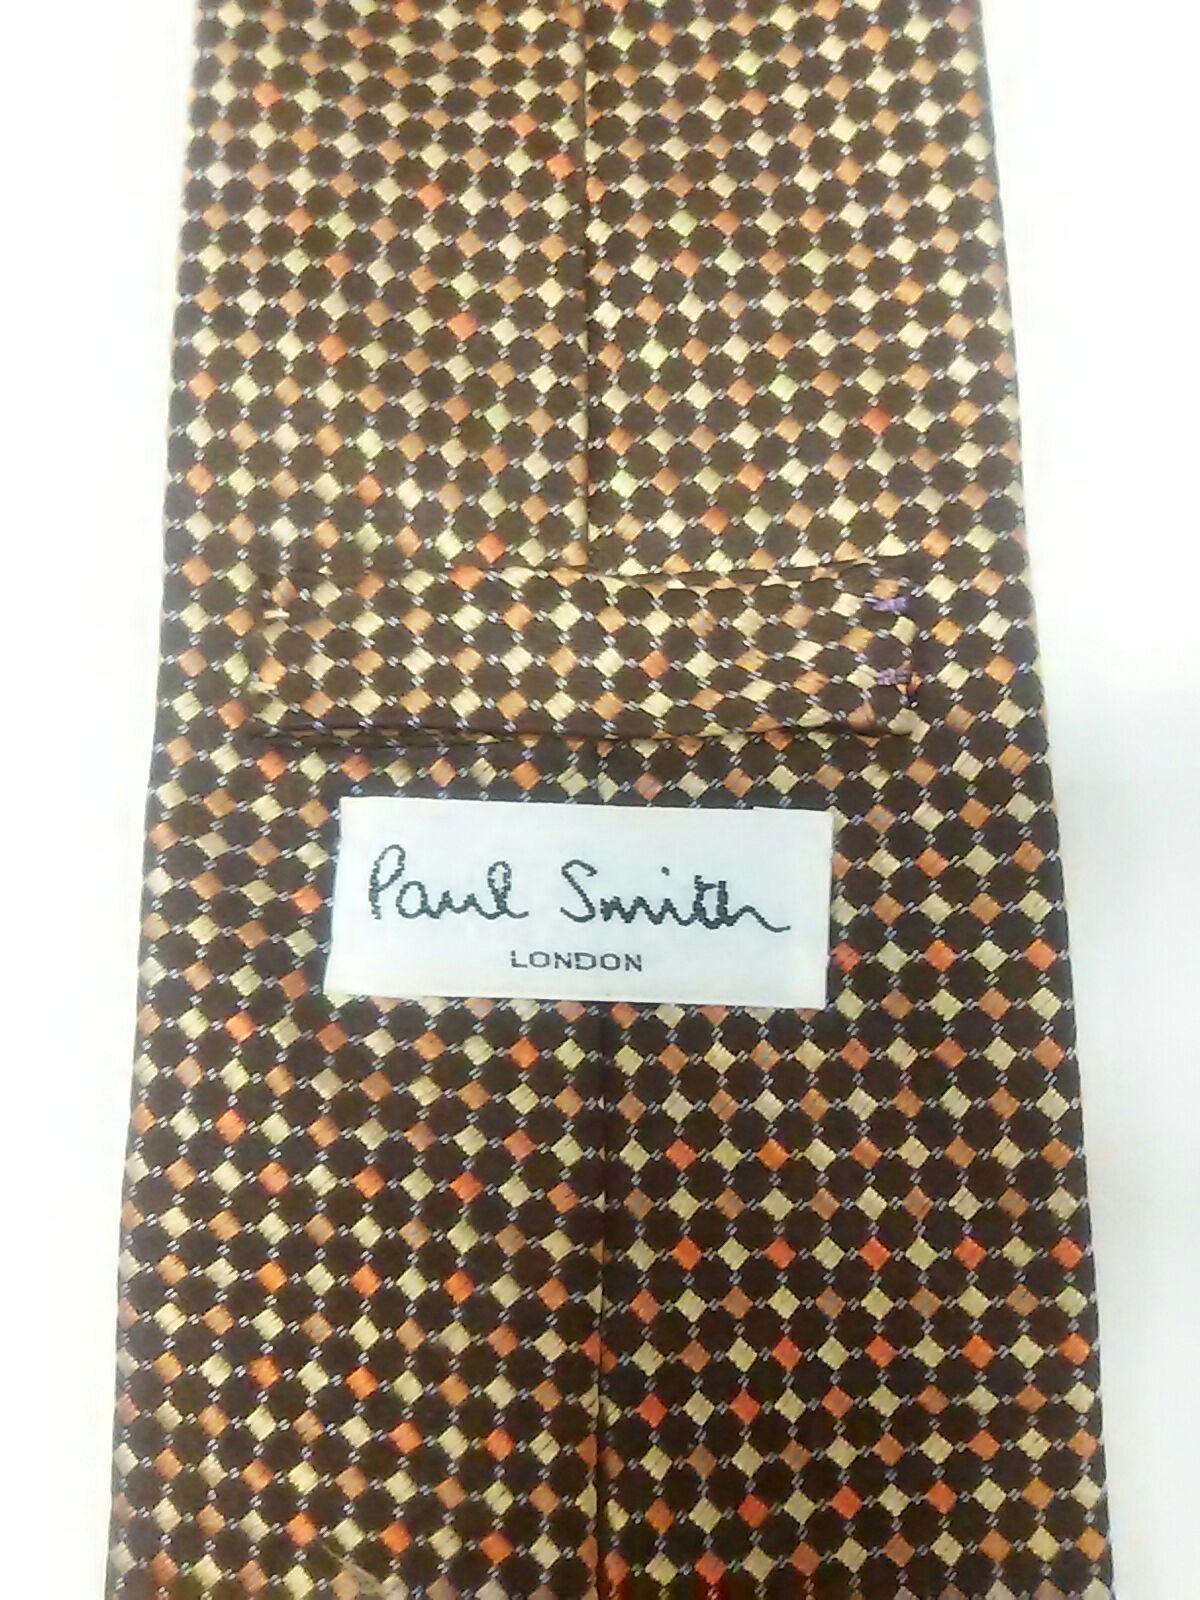 PaulSmith(ポールスミス)のネクタイ